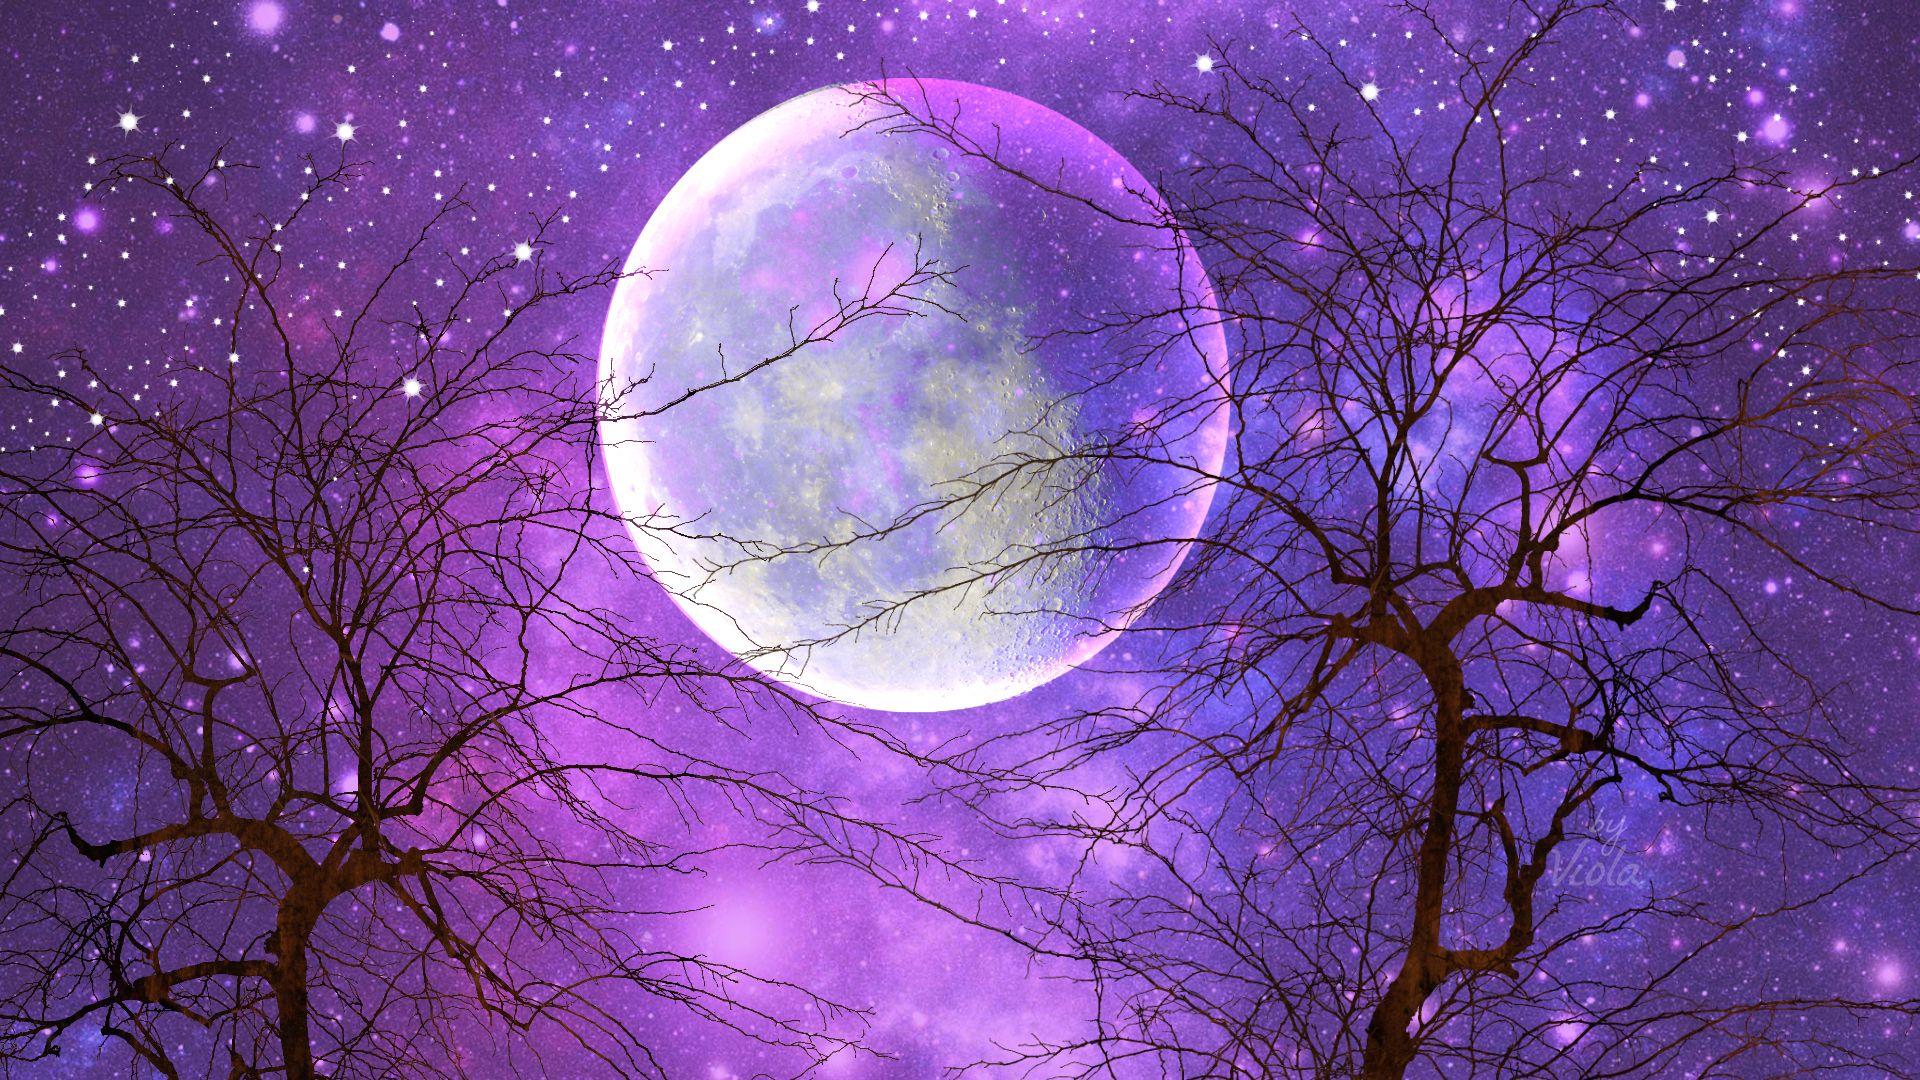 blue purple sky desktop wallpaper - photo #47